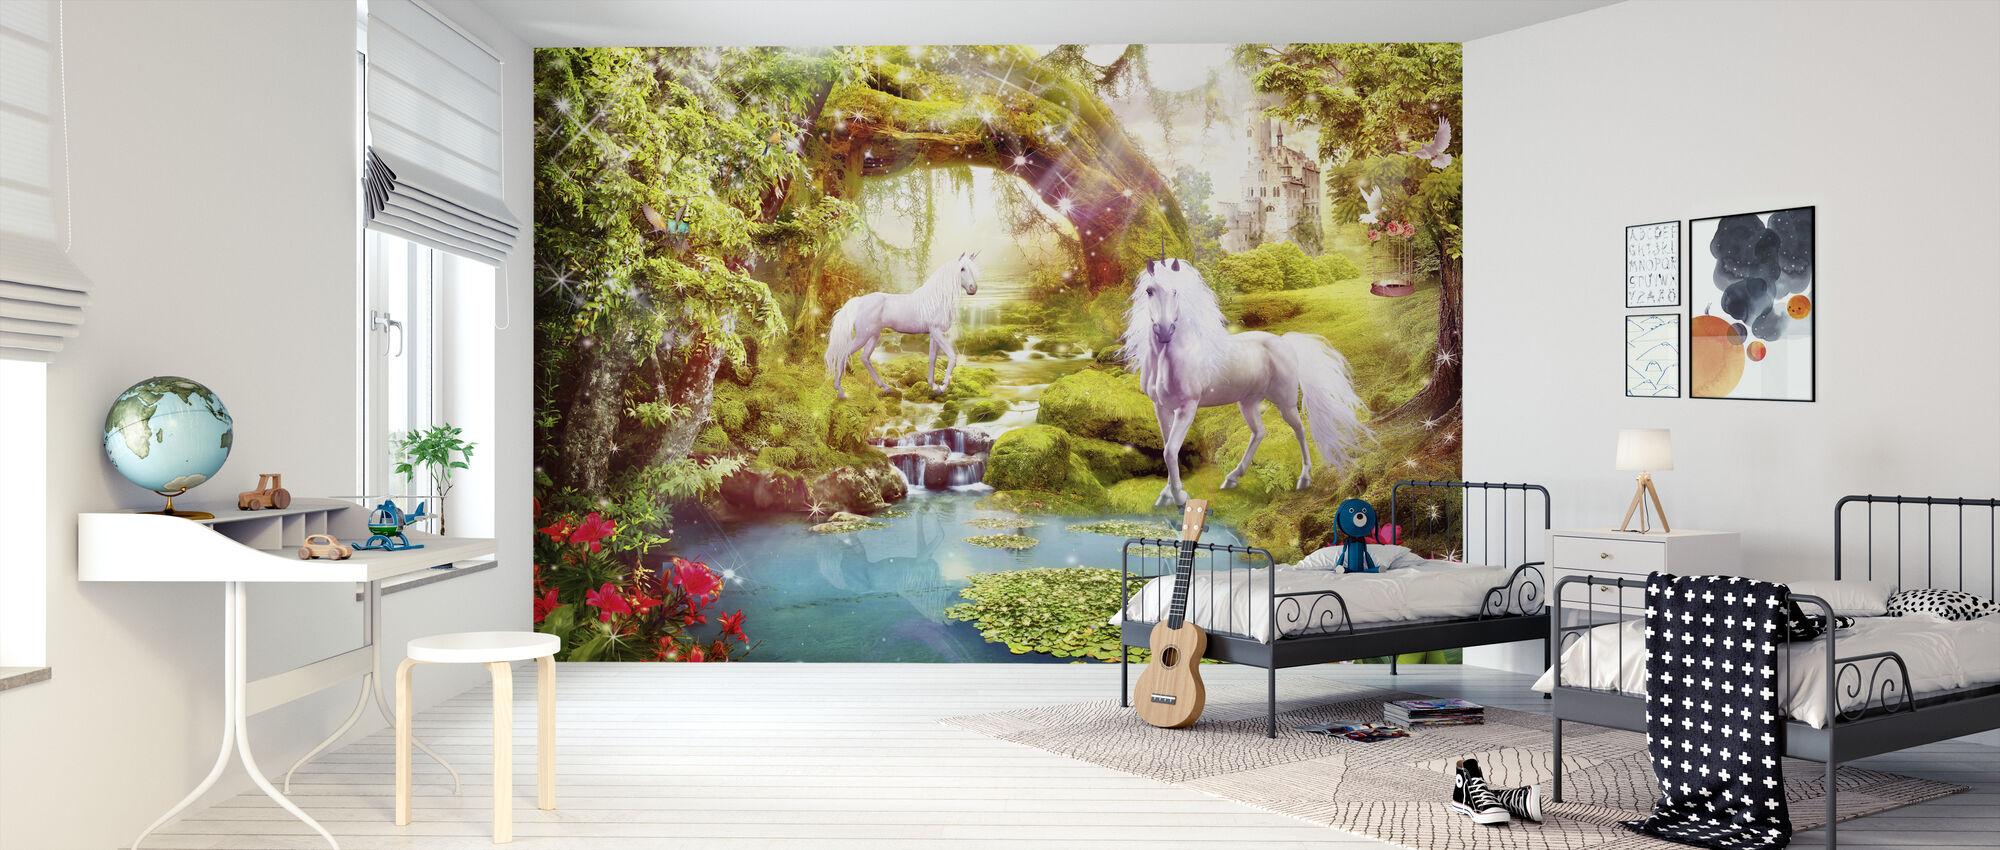 Unicorns in Dreamy Landscape - Wallpaper - Kids Room